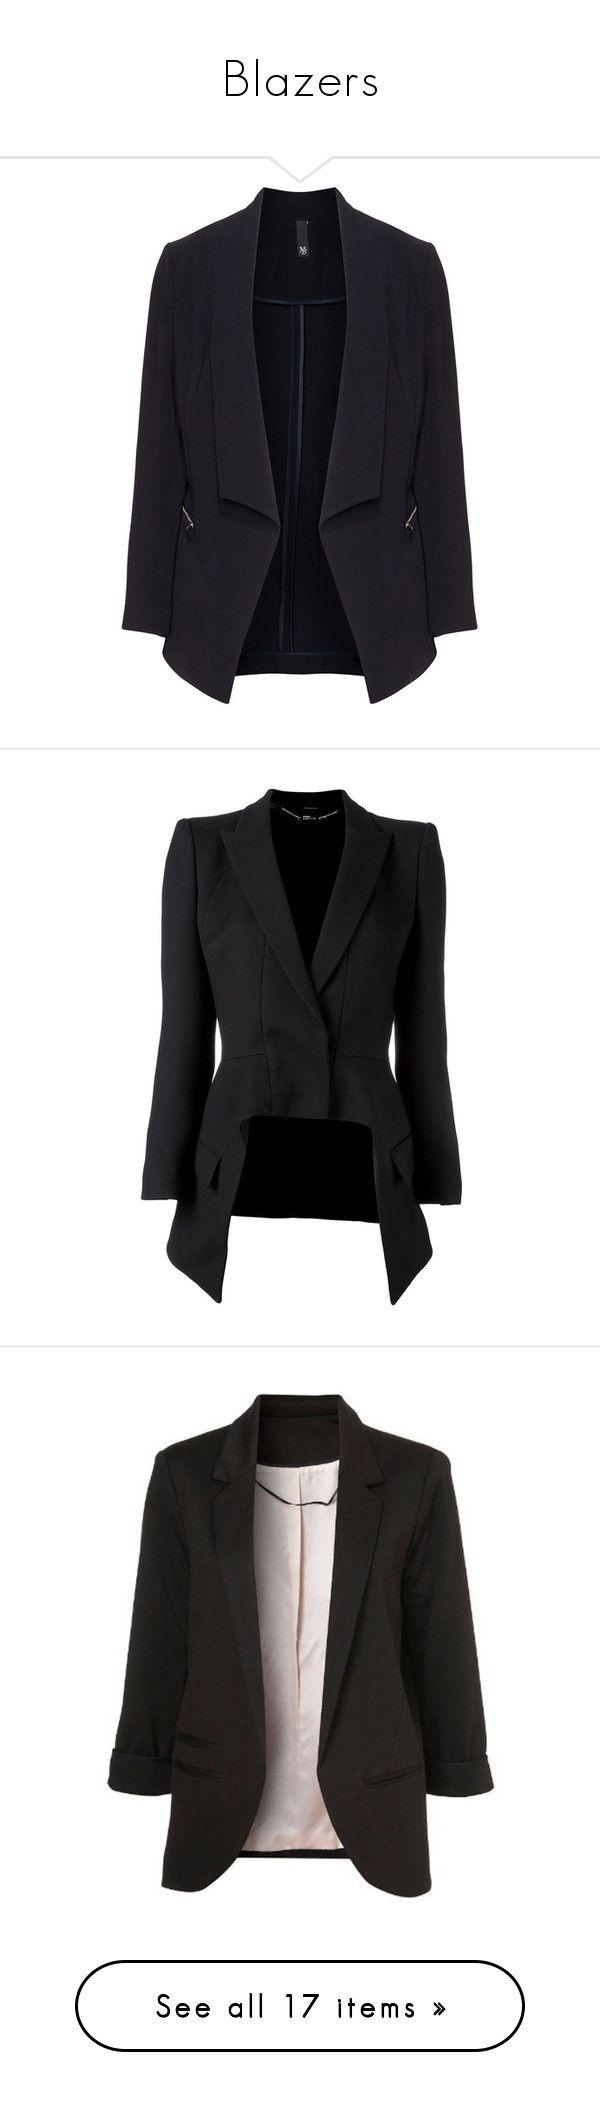 """""""Blazers"""" by random11-1 ❤ liked on Polyvore featuring outerwear, jackets, blazers, blazer, black, plus size, training jacket, blazer jacket, zip jacket and zip blazer"""